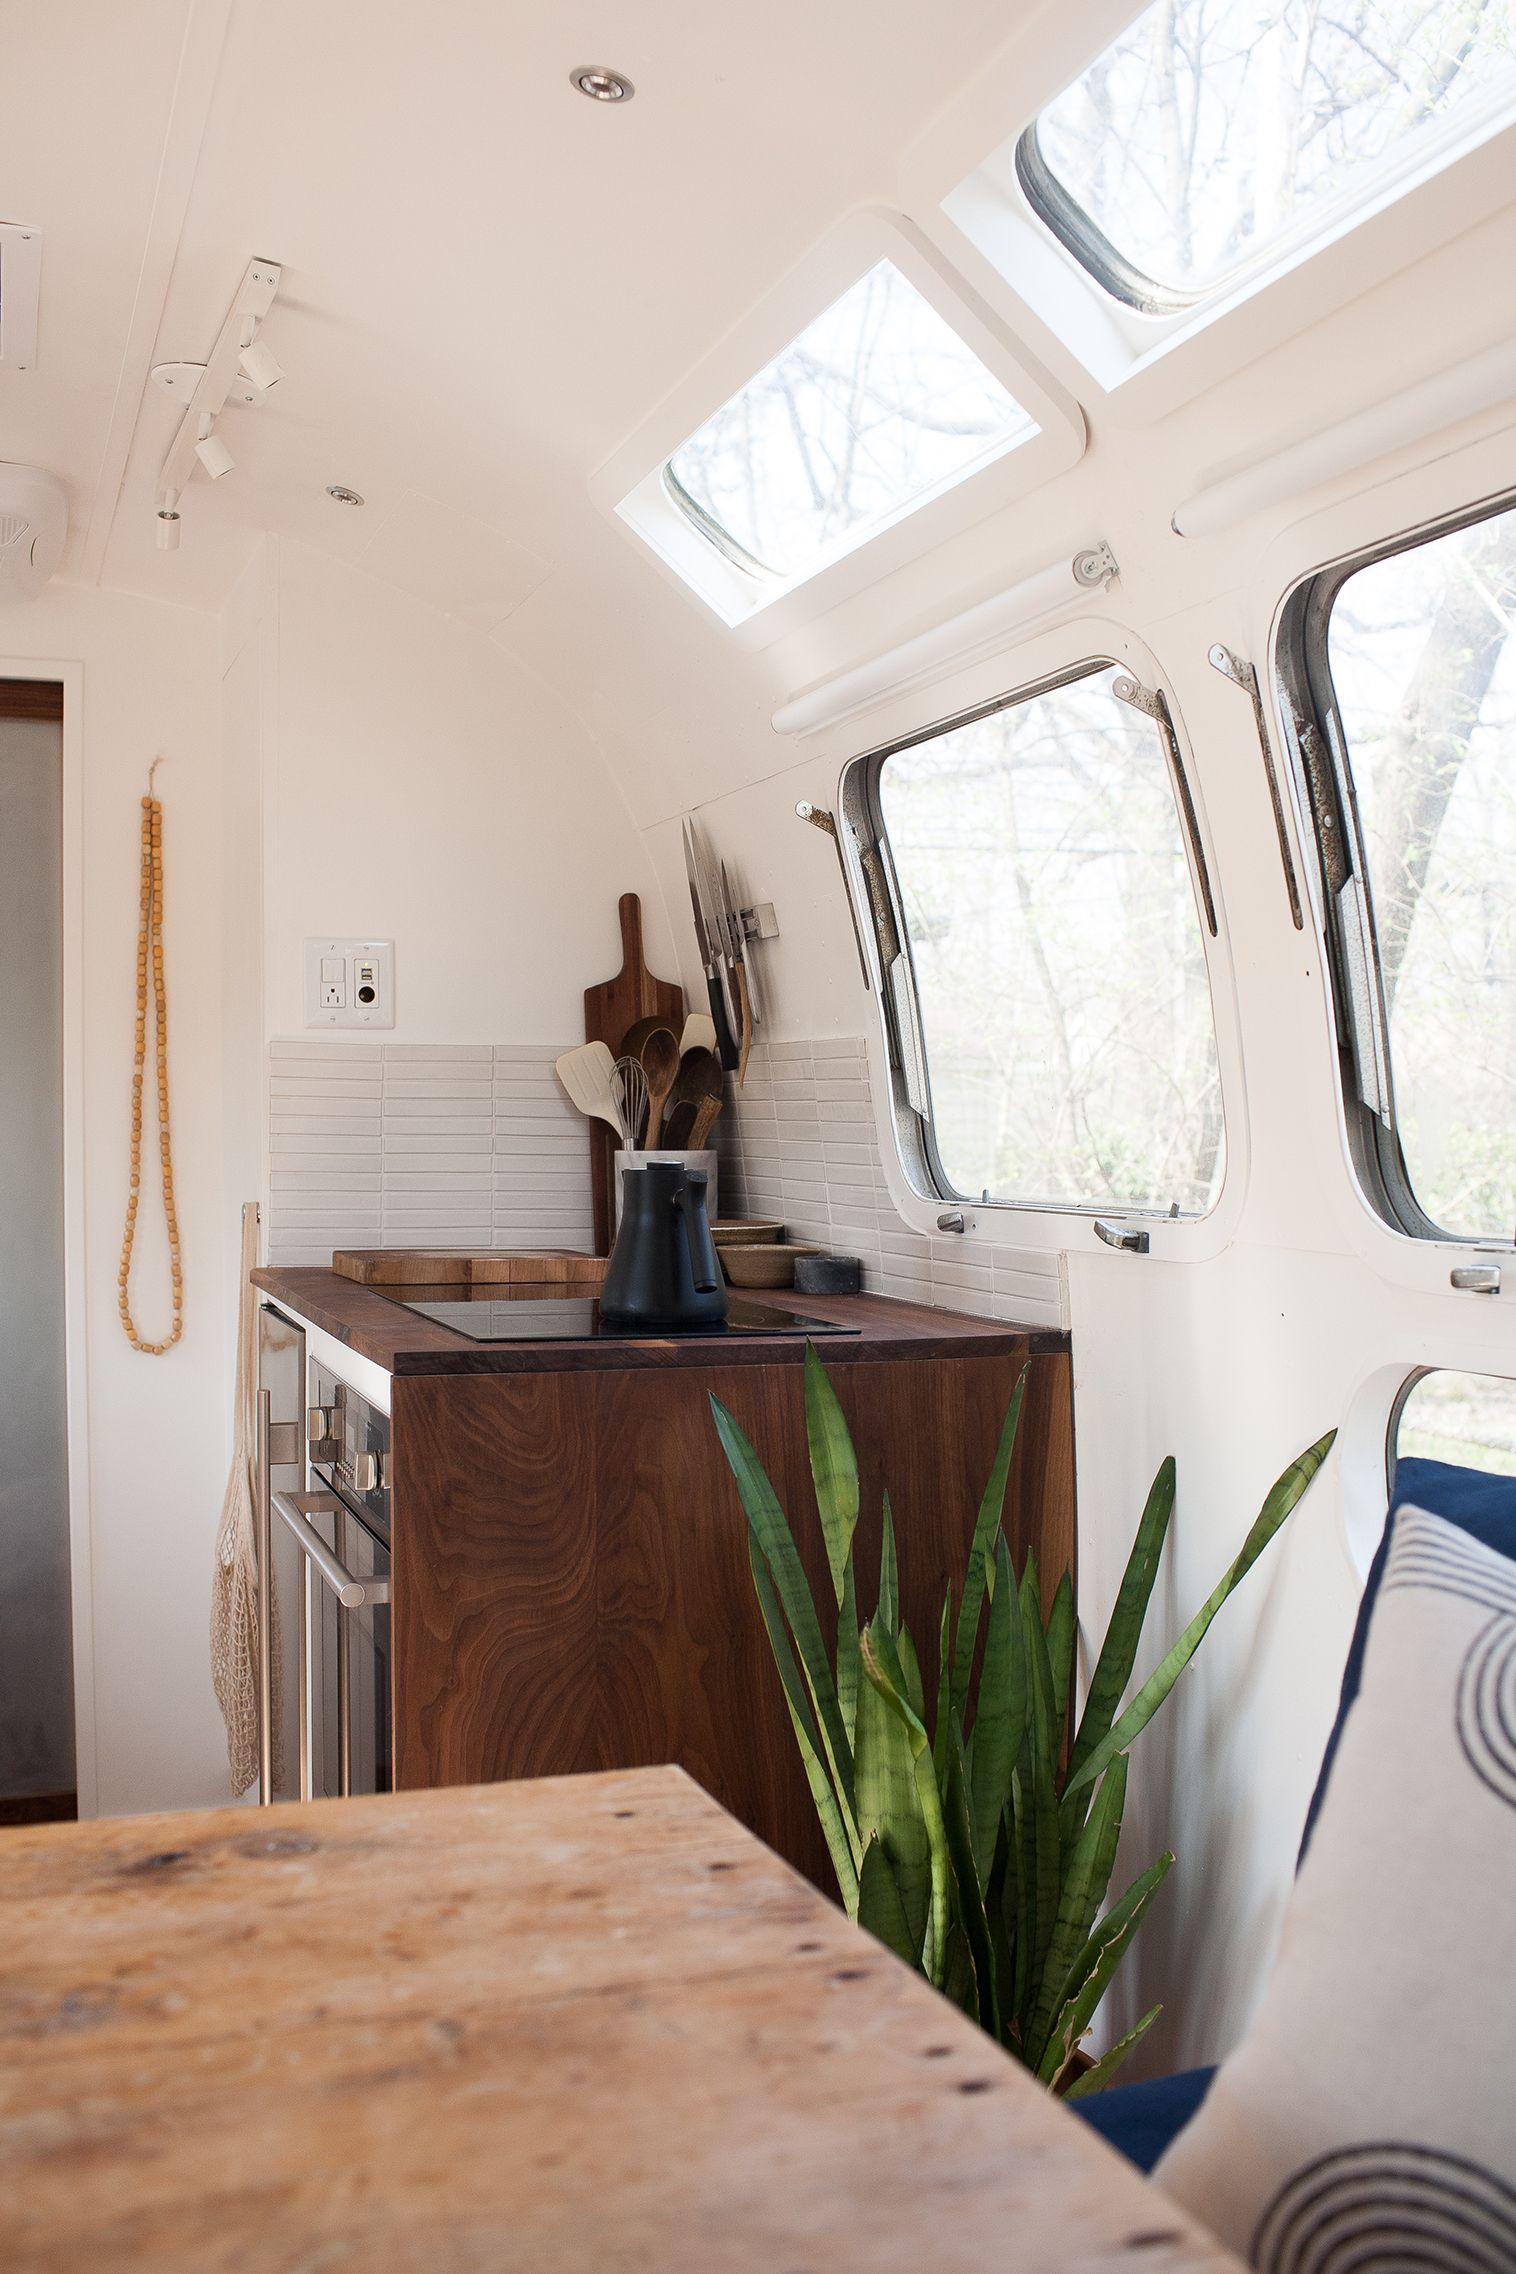 10 Винтажных домов на колесах, которые вас очаруют